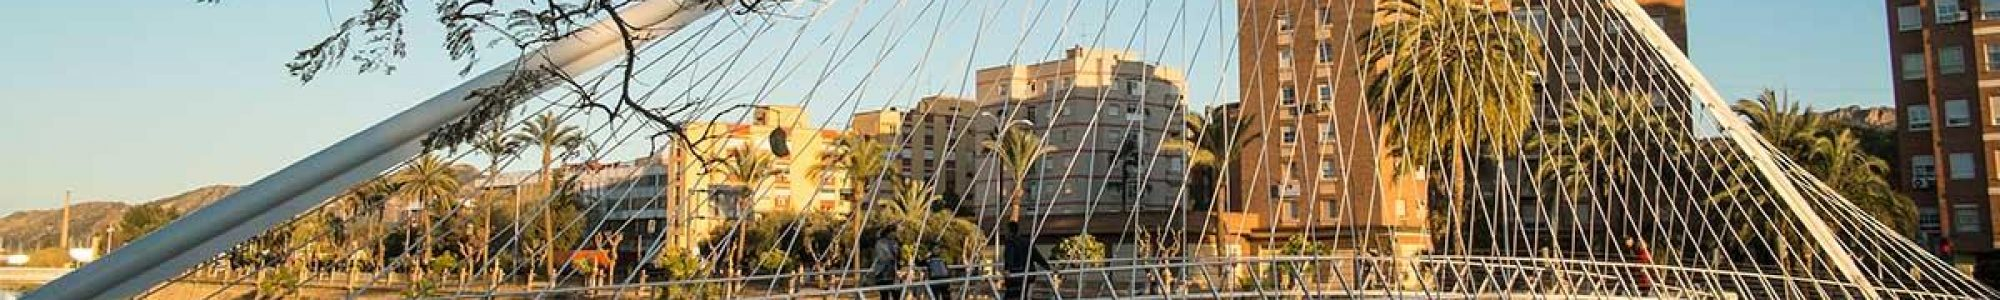 murcia-puente_rio_segura-1200x490_1